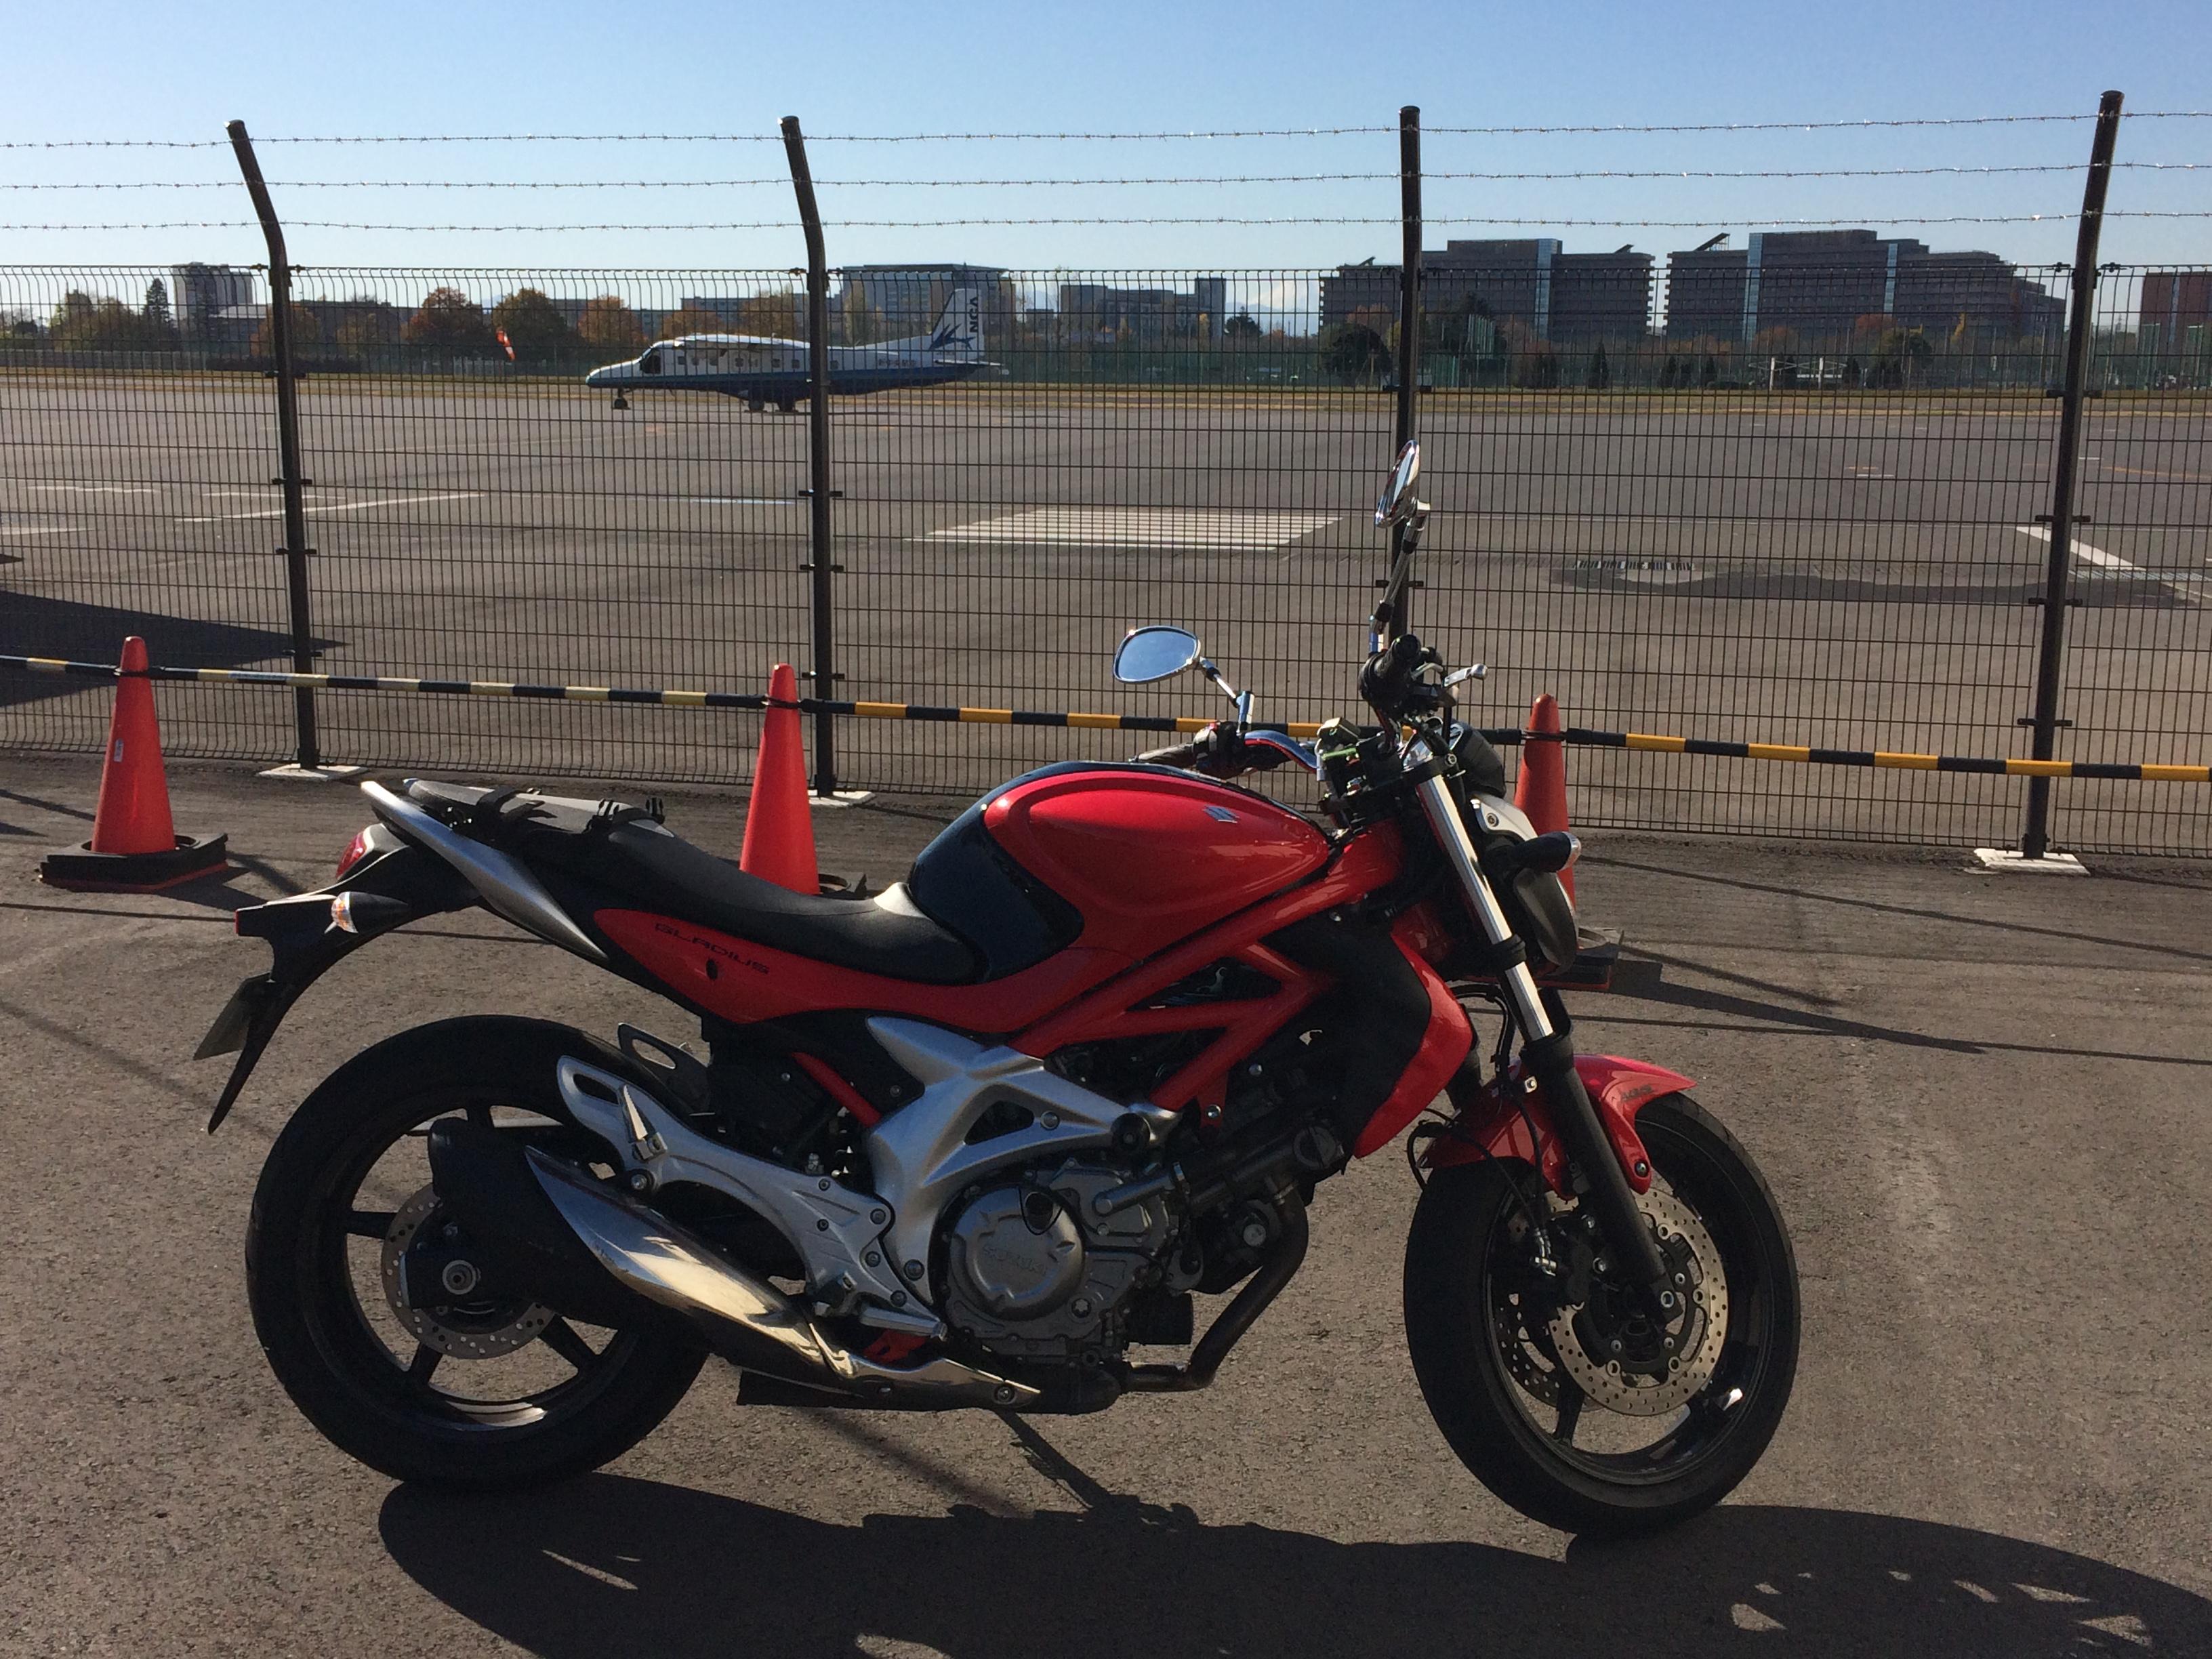 大型二輪教習 やっと大型バイクに慣れてきた